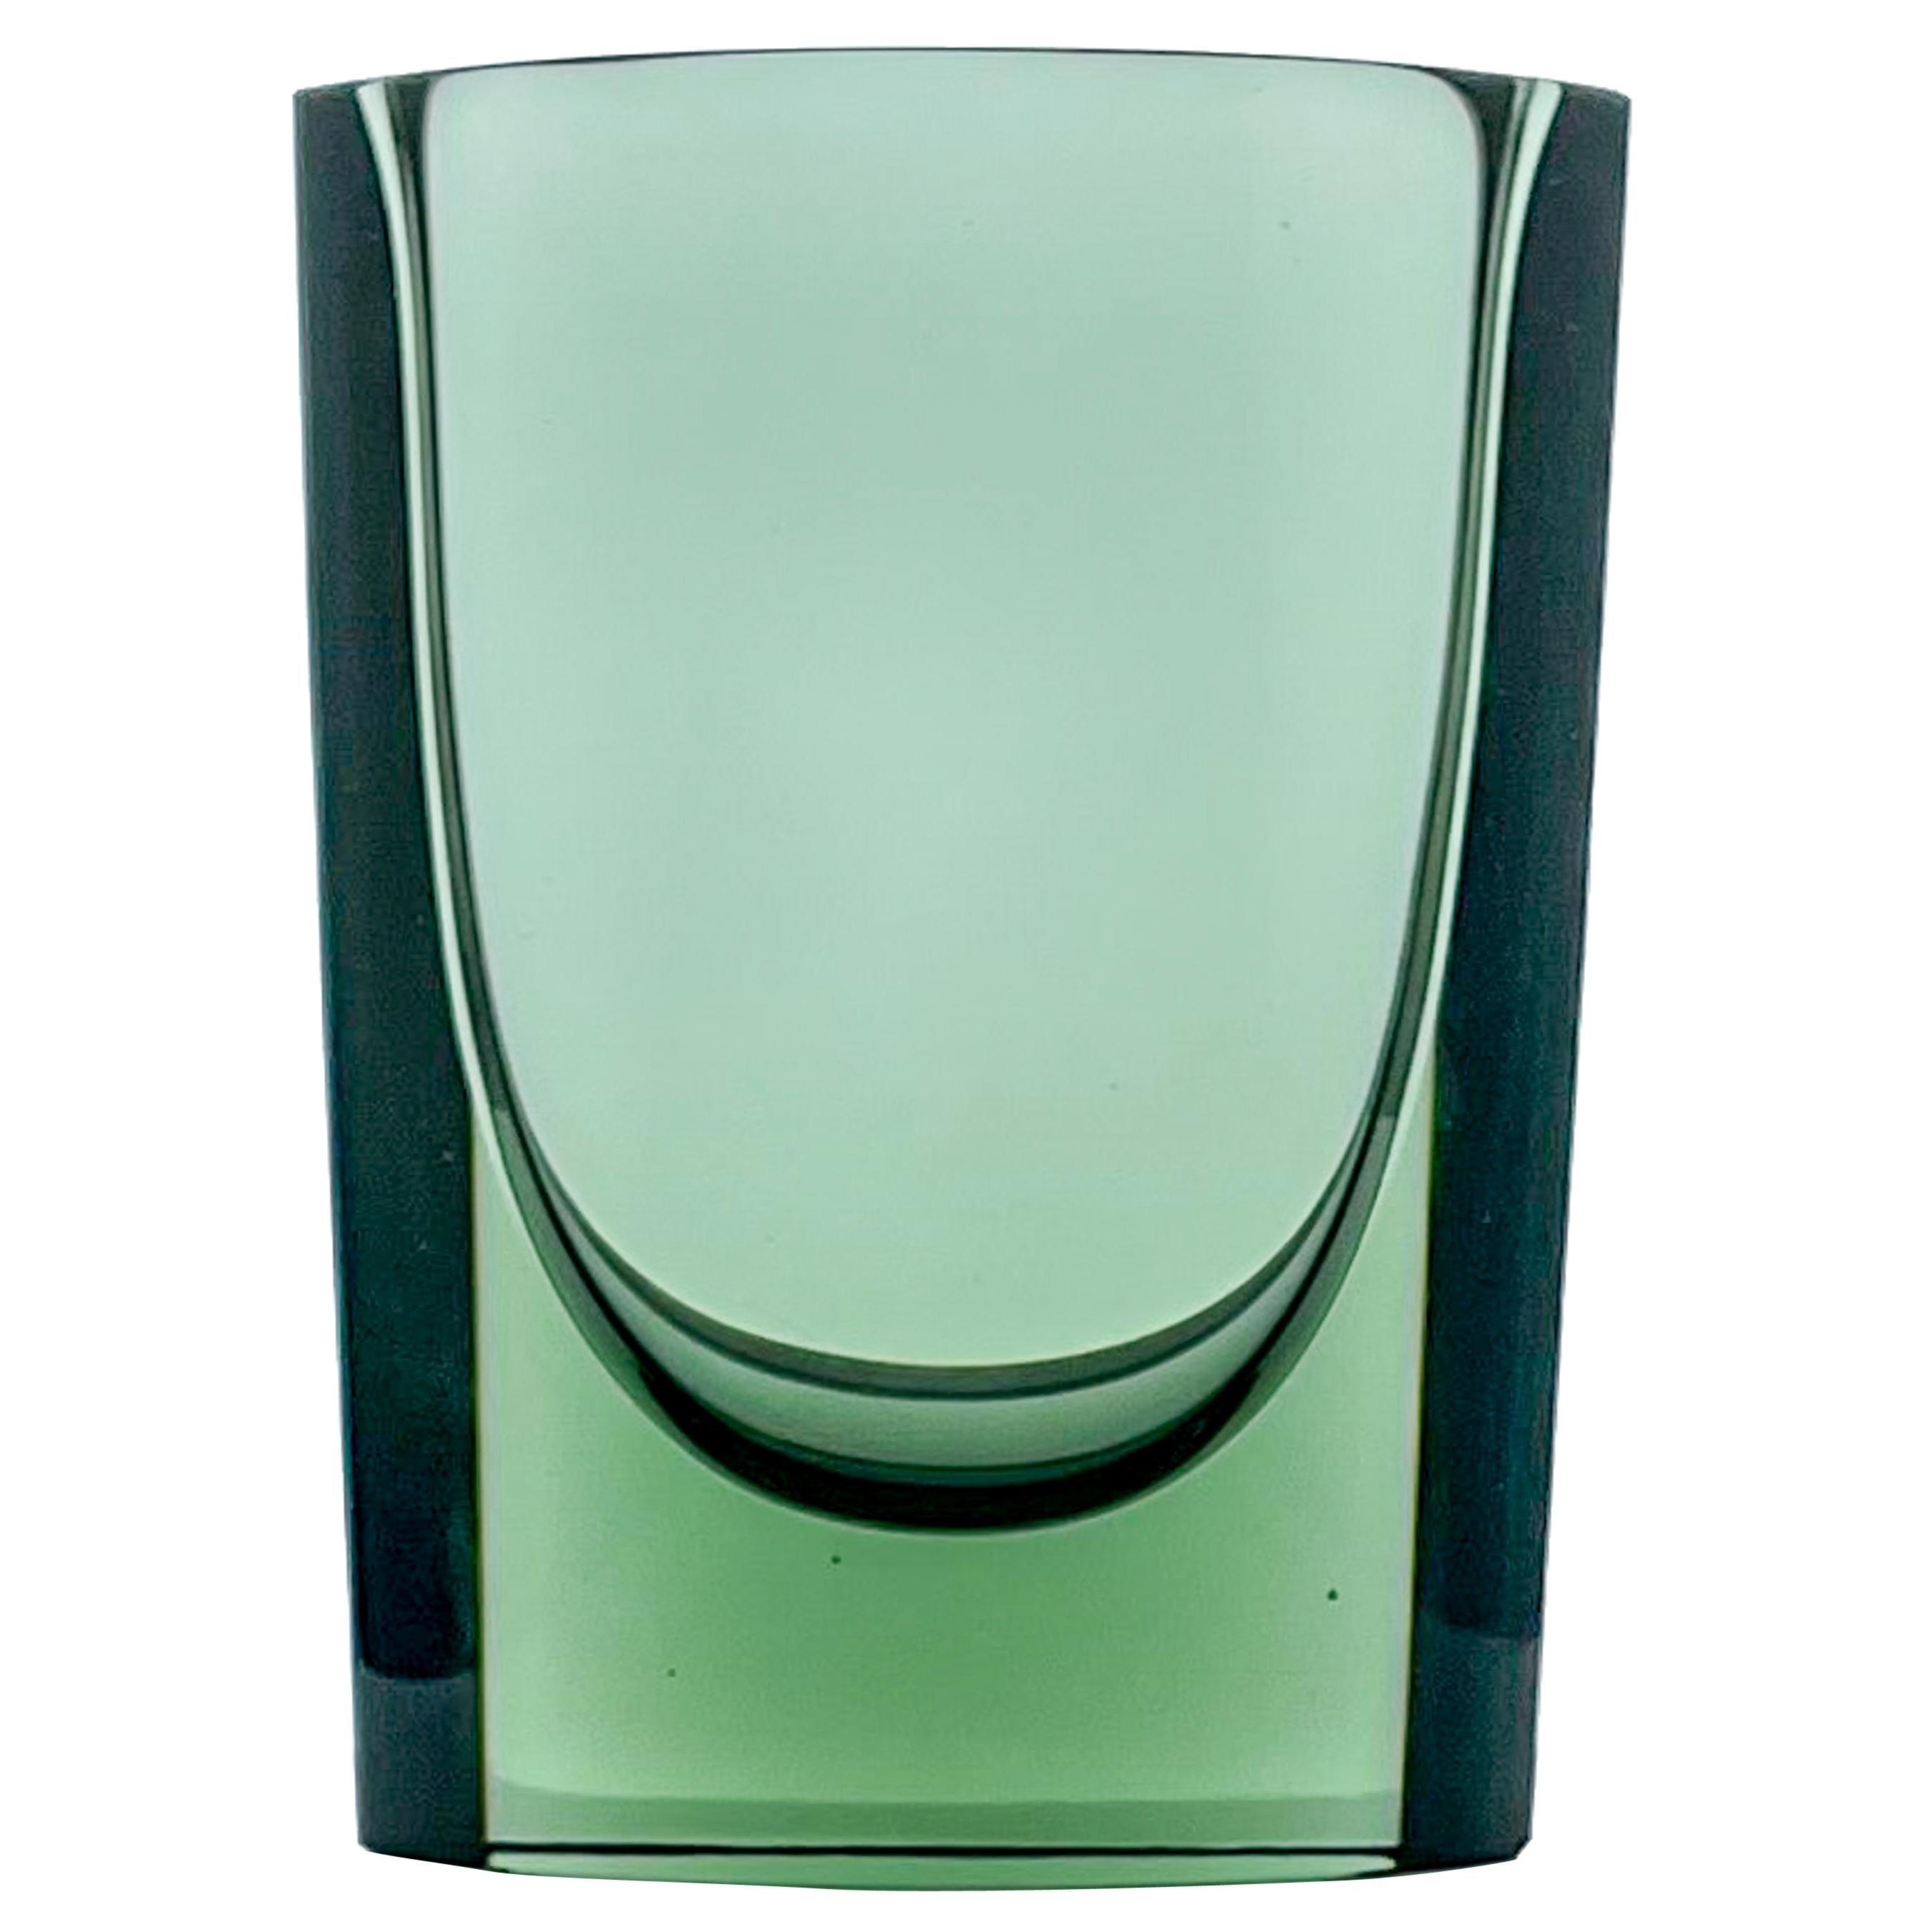 Kaj Franck, Green Glass Art-Object, Model N 407, Nuutajärvi-Notsjö, Finland 1967